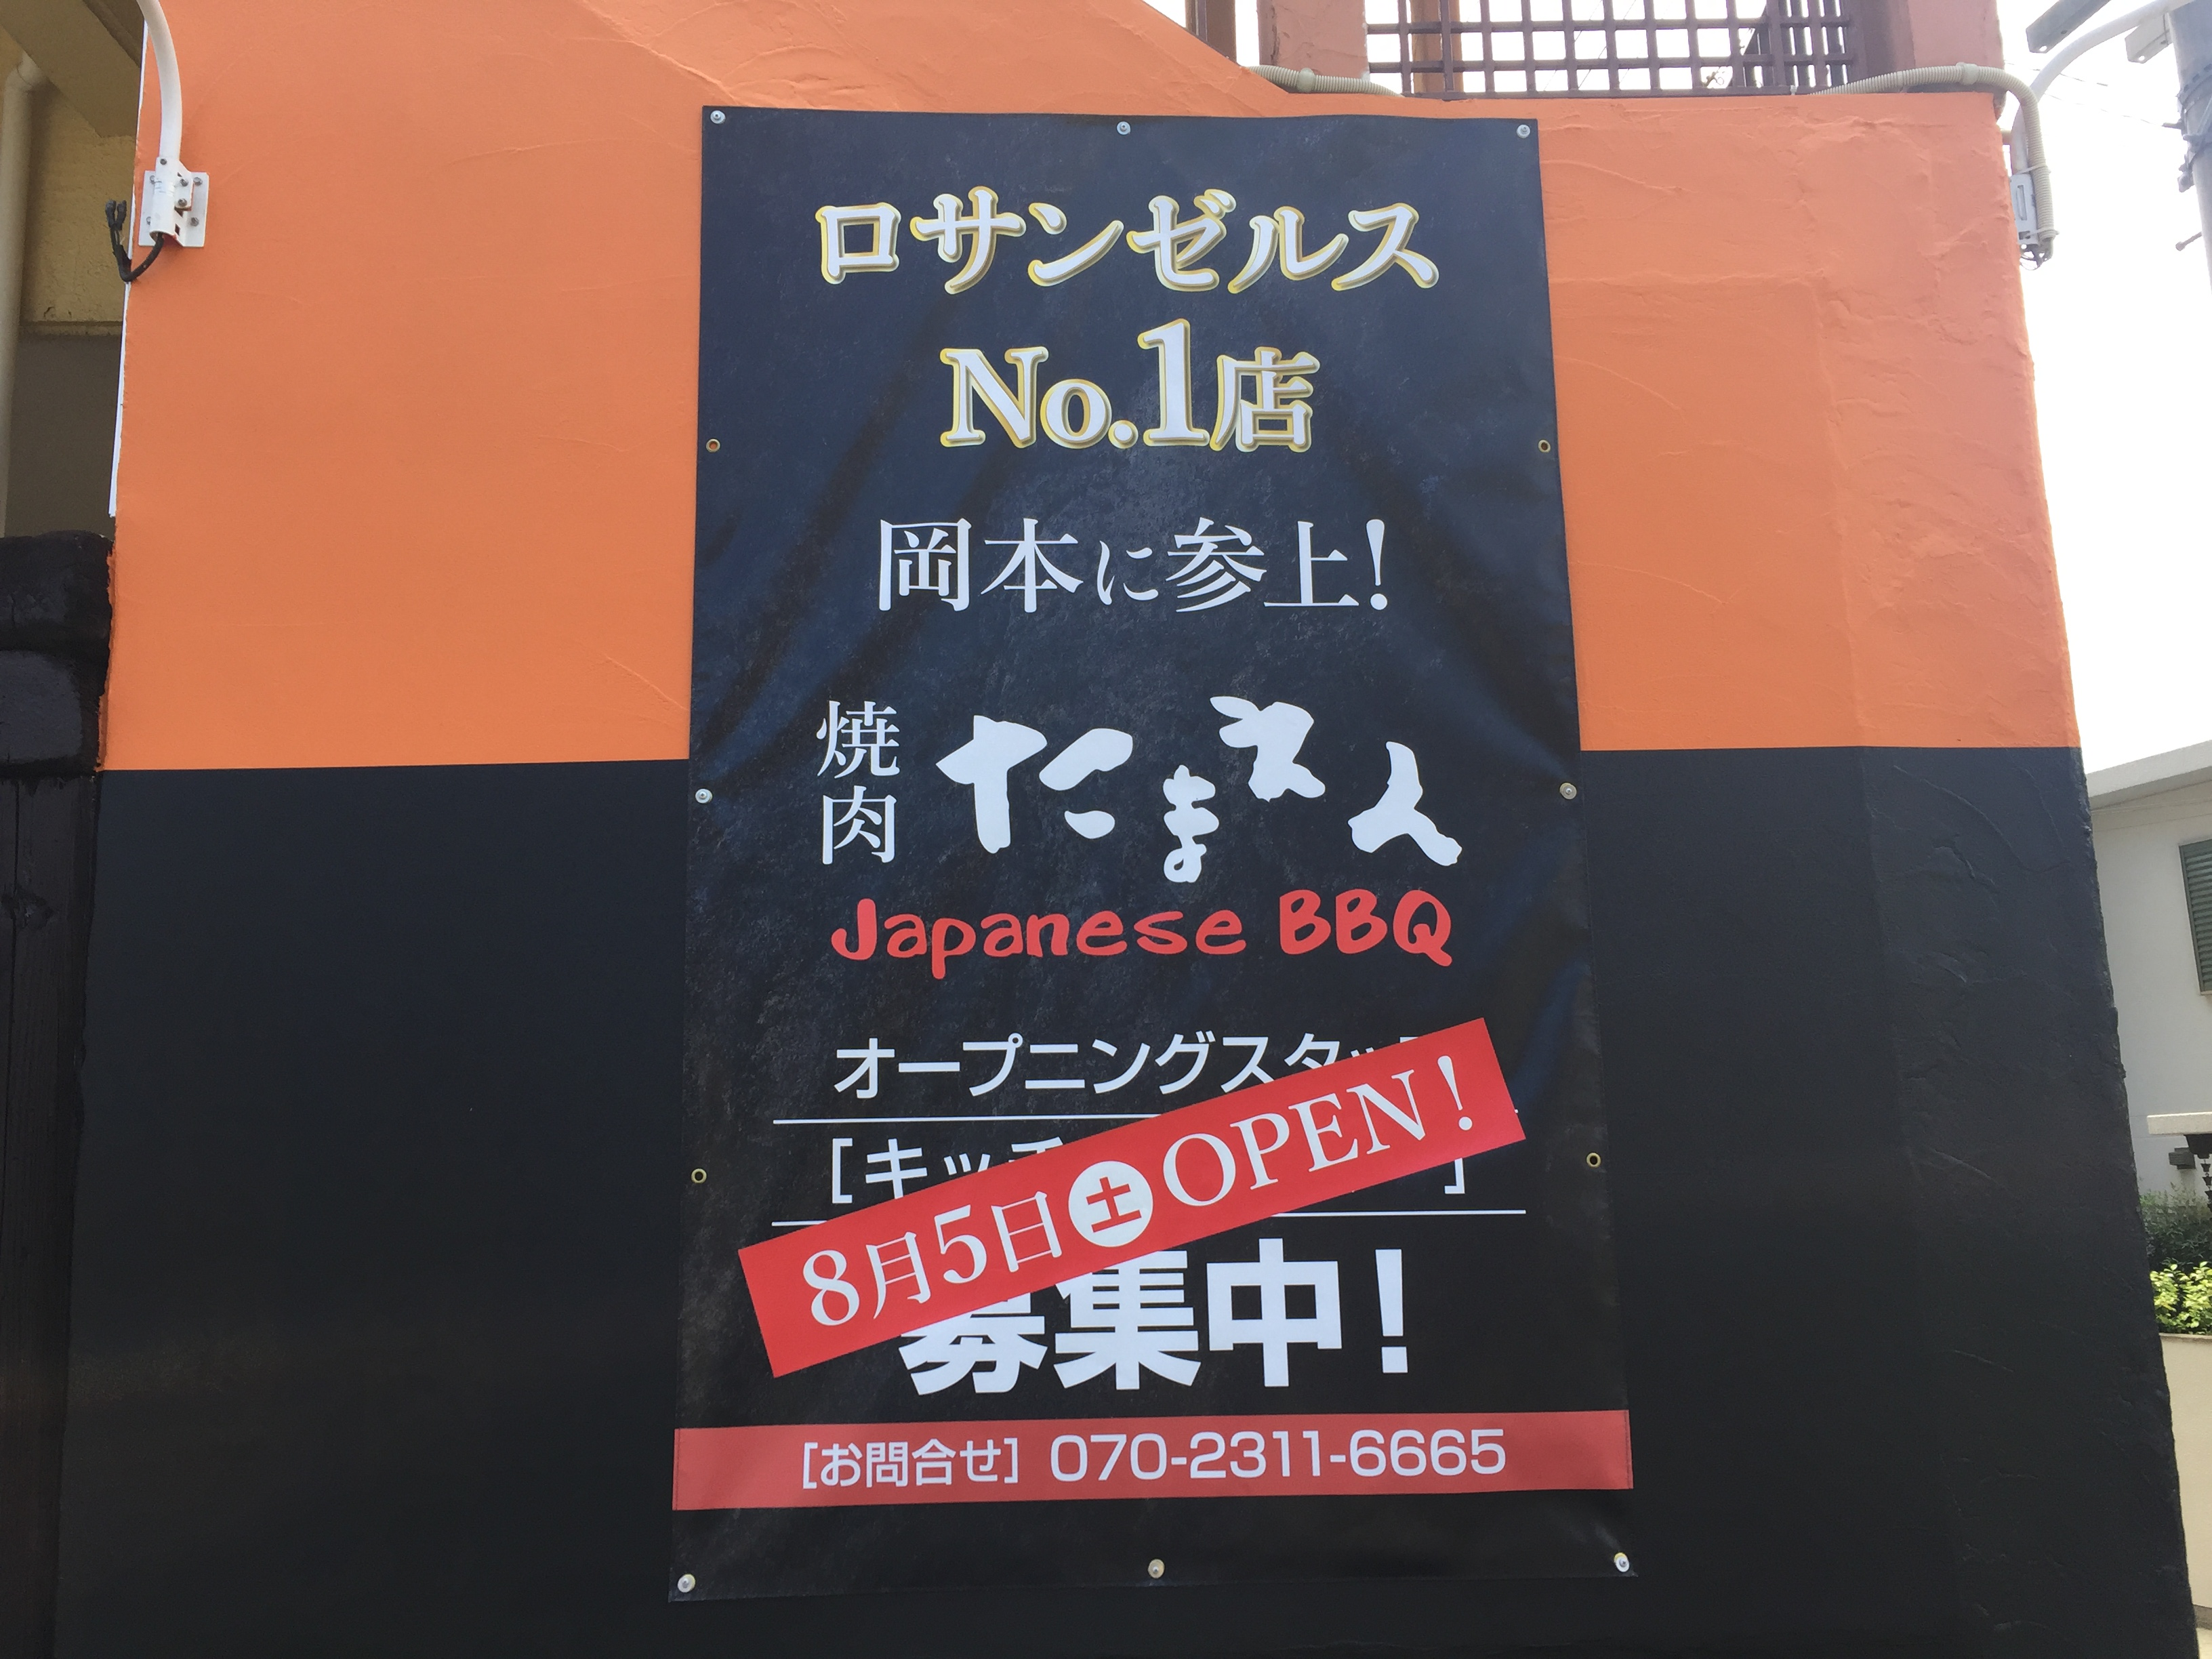 神戸・岡本に8/5(土)焼肉「たまえん」がオープンするよ !#新規オープン